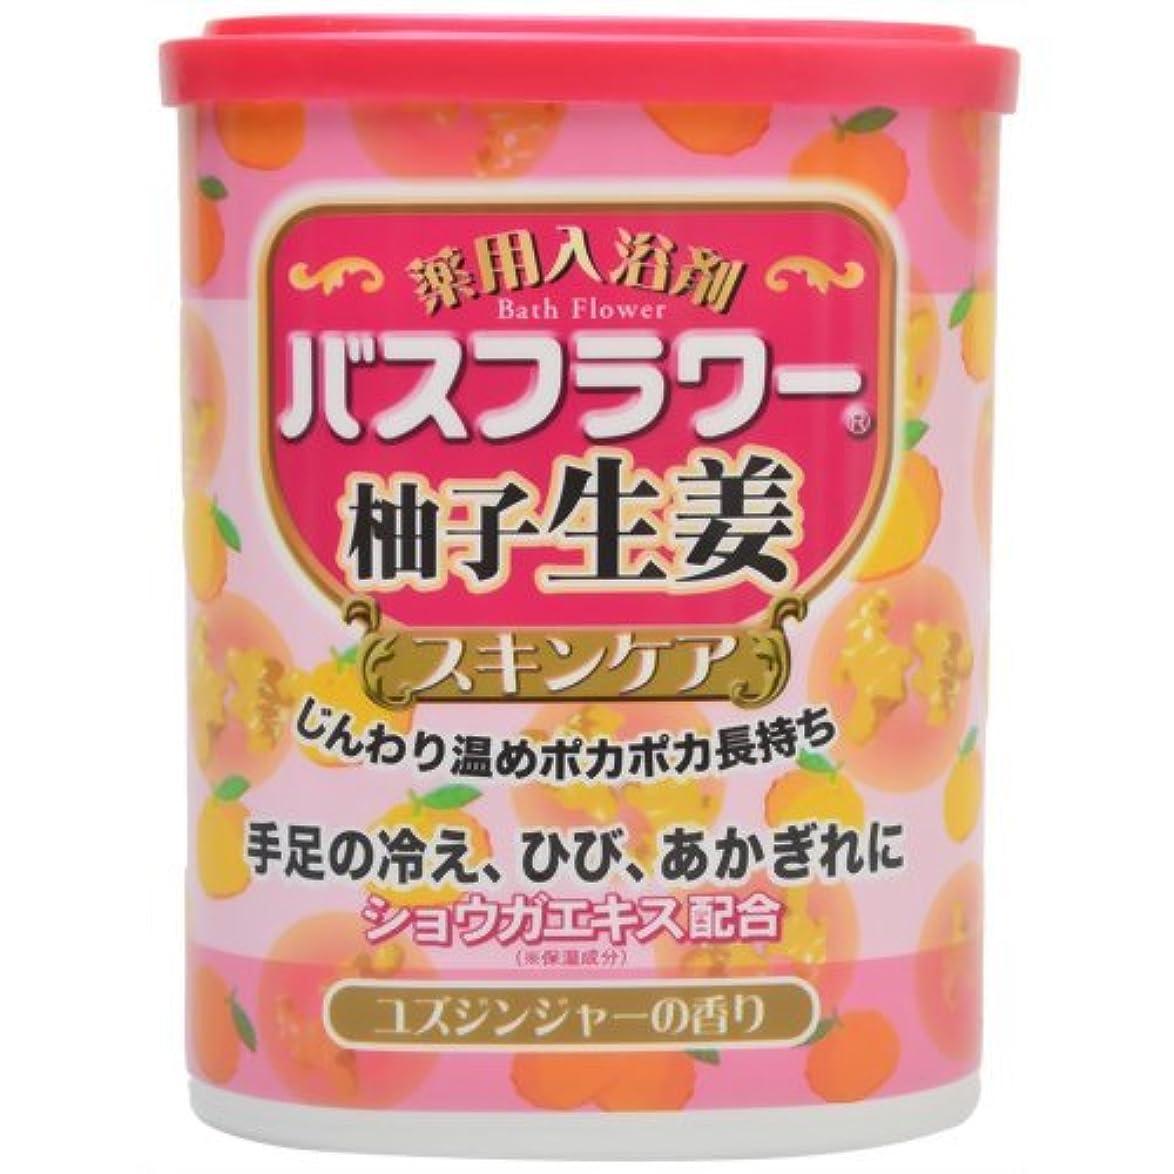 地味な余計な石のバスフラワー 薬用入浴剤スキンケア柚子生姜 680g